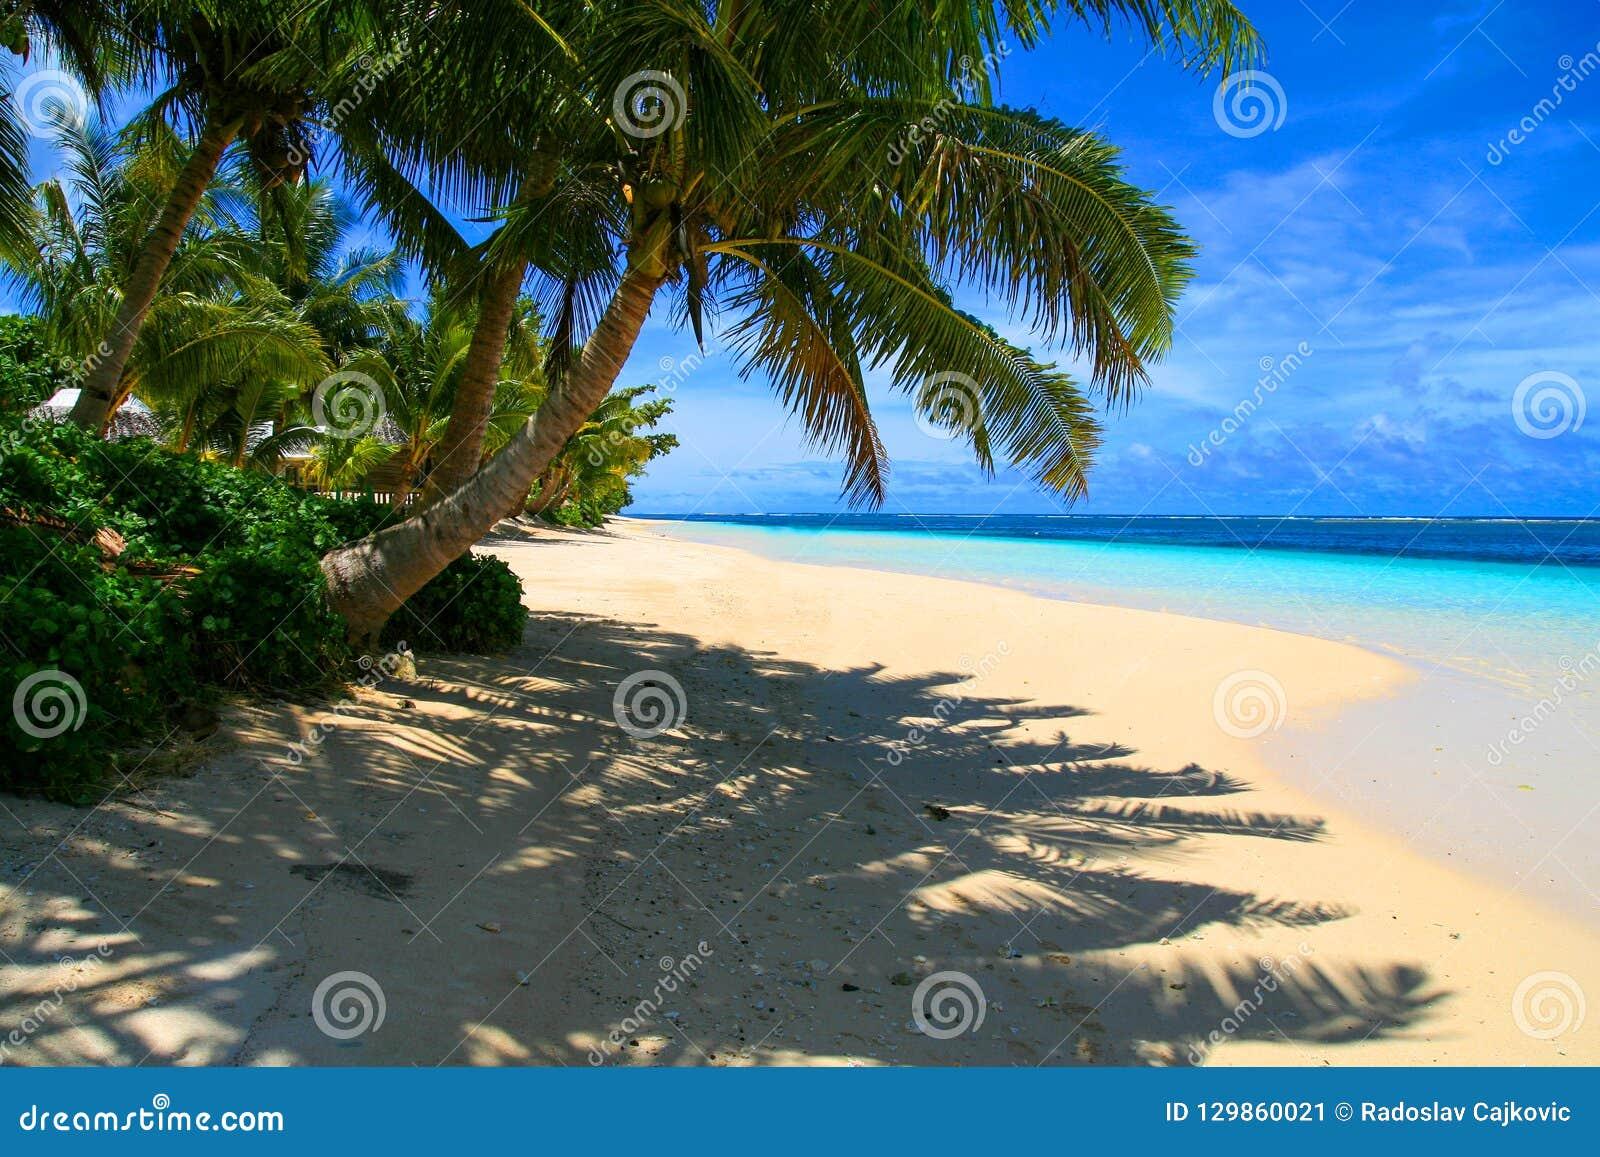 Εξωτικός προορισμός διακοπών, τροπικός φοίνικας επάνω από την ηλιόλουστη παραλία με τη σκιά στην άσπρη άμμο